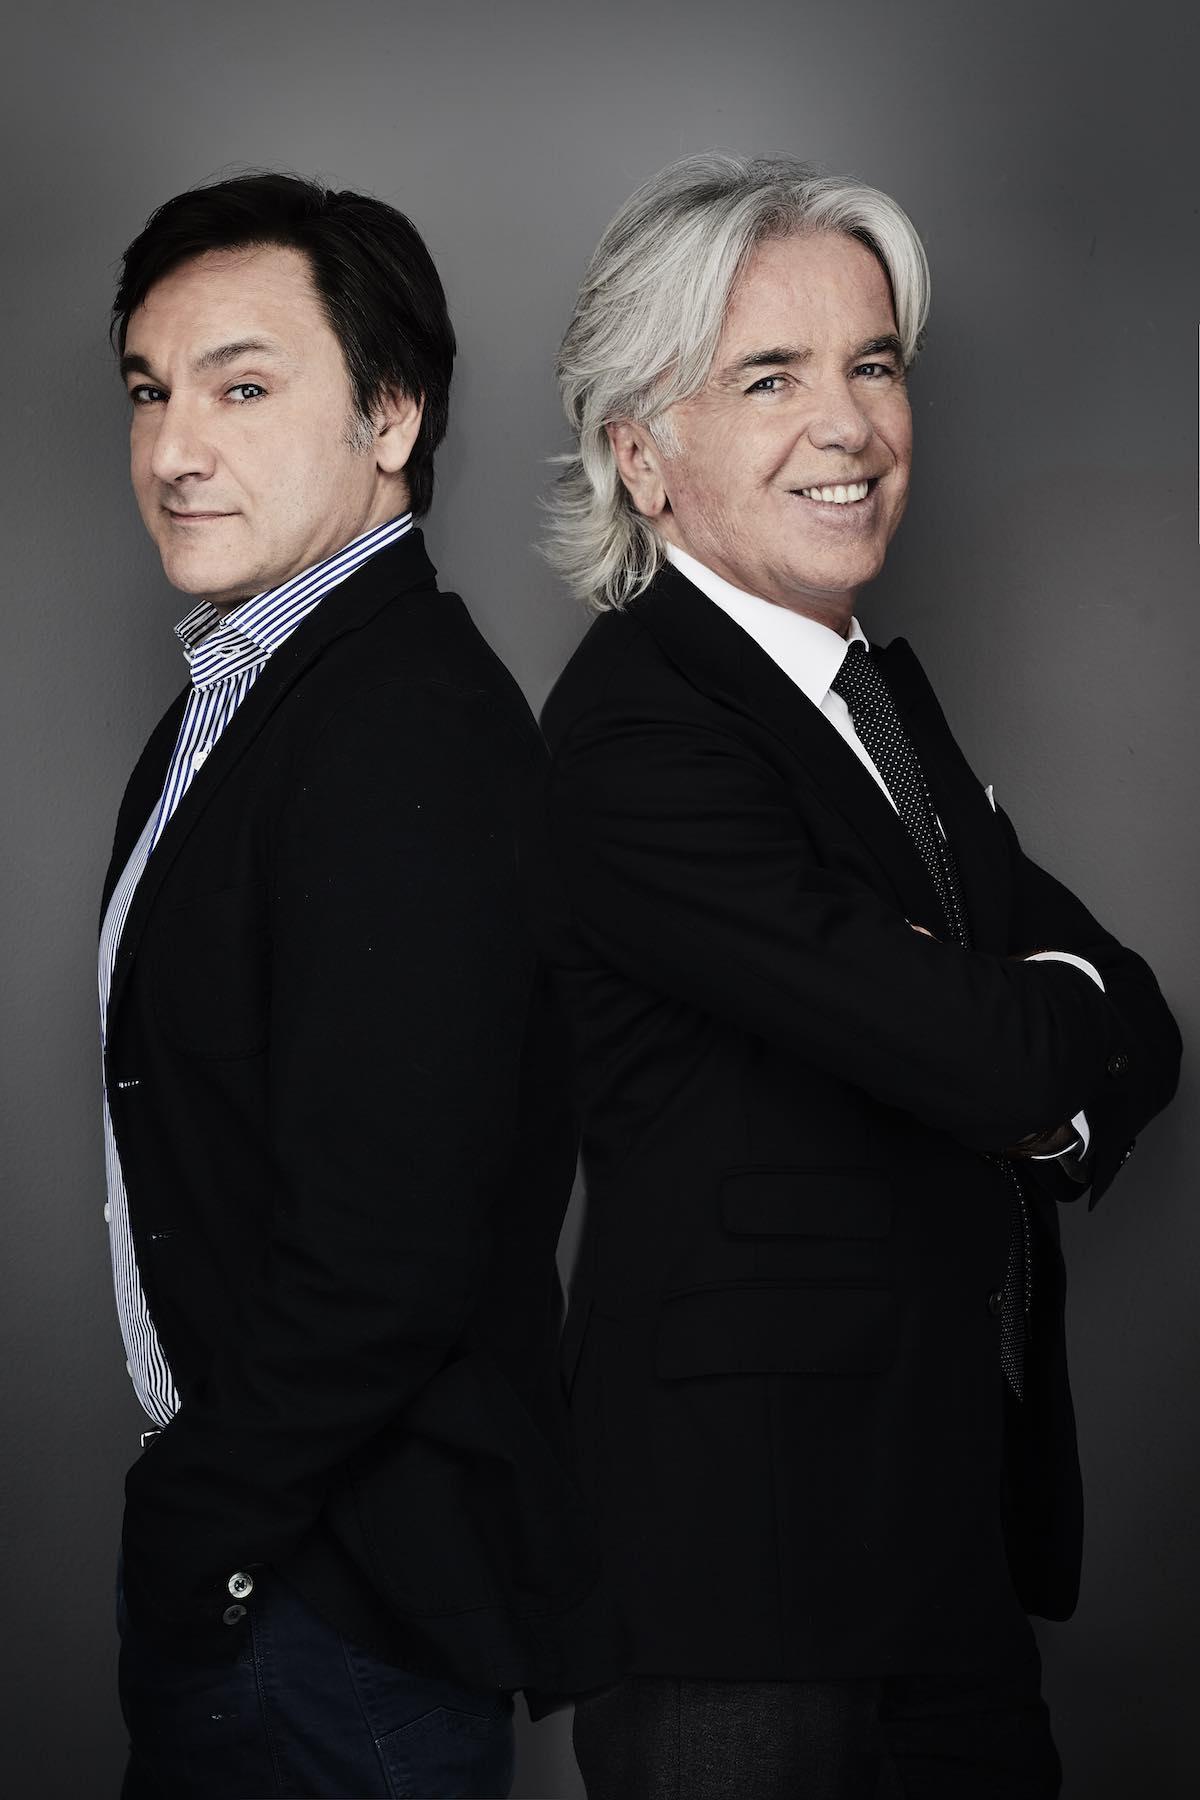 Fabio Caressa e Ivan Zazzaroni